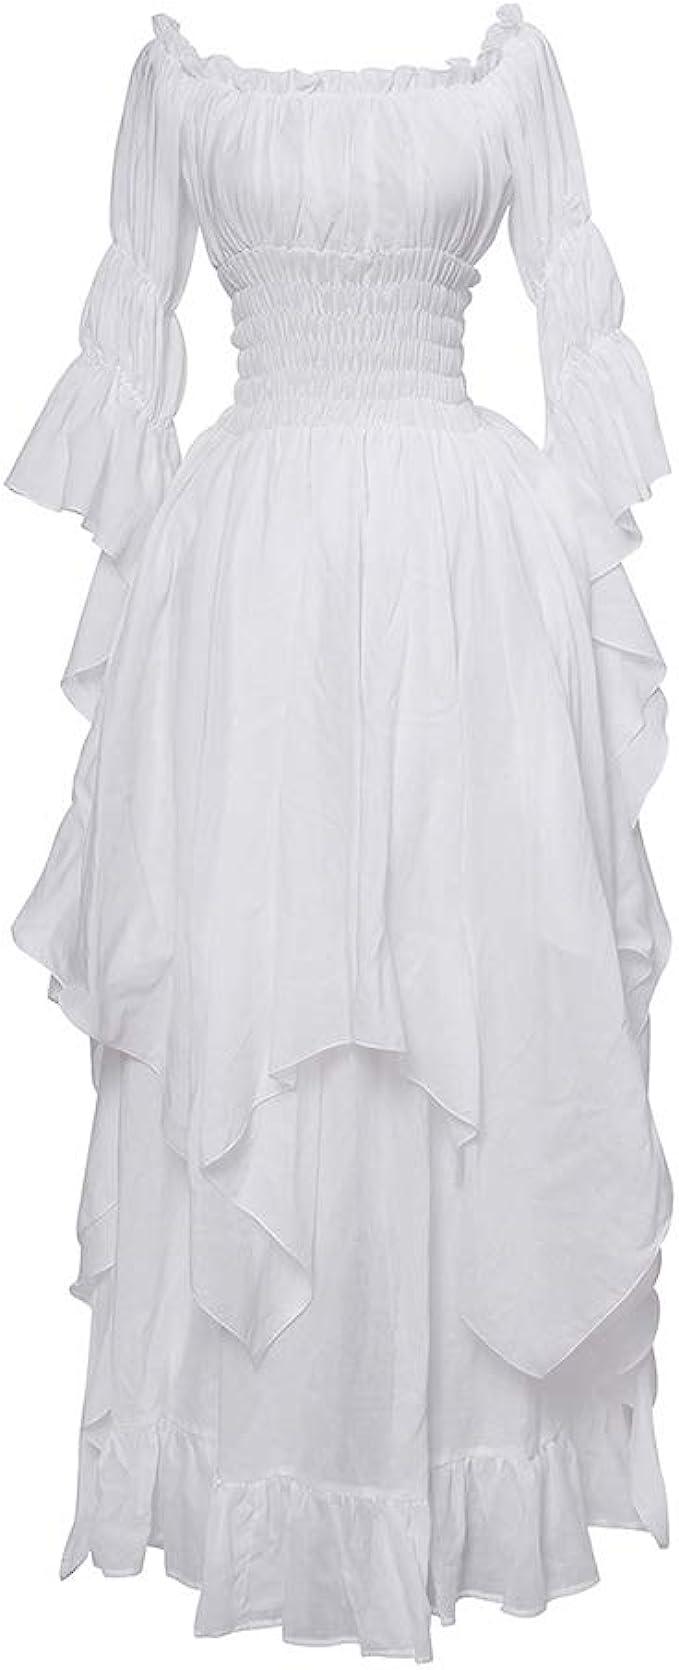 Women's Renaissance Costume